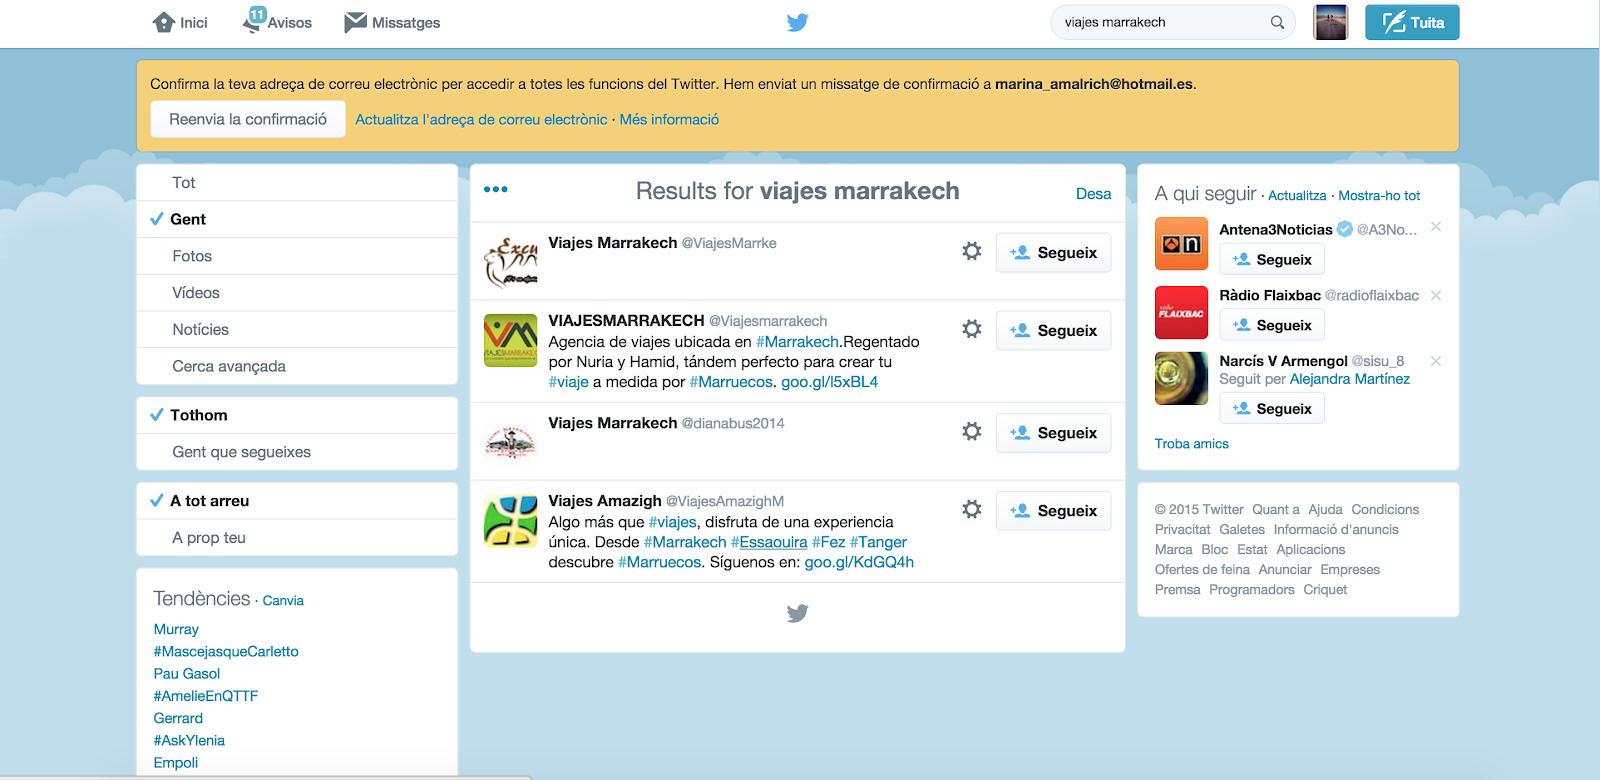 Captura de pantalla 2015-05-10 20.44.26.png